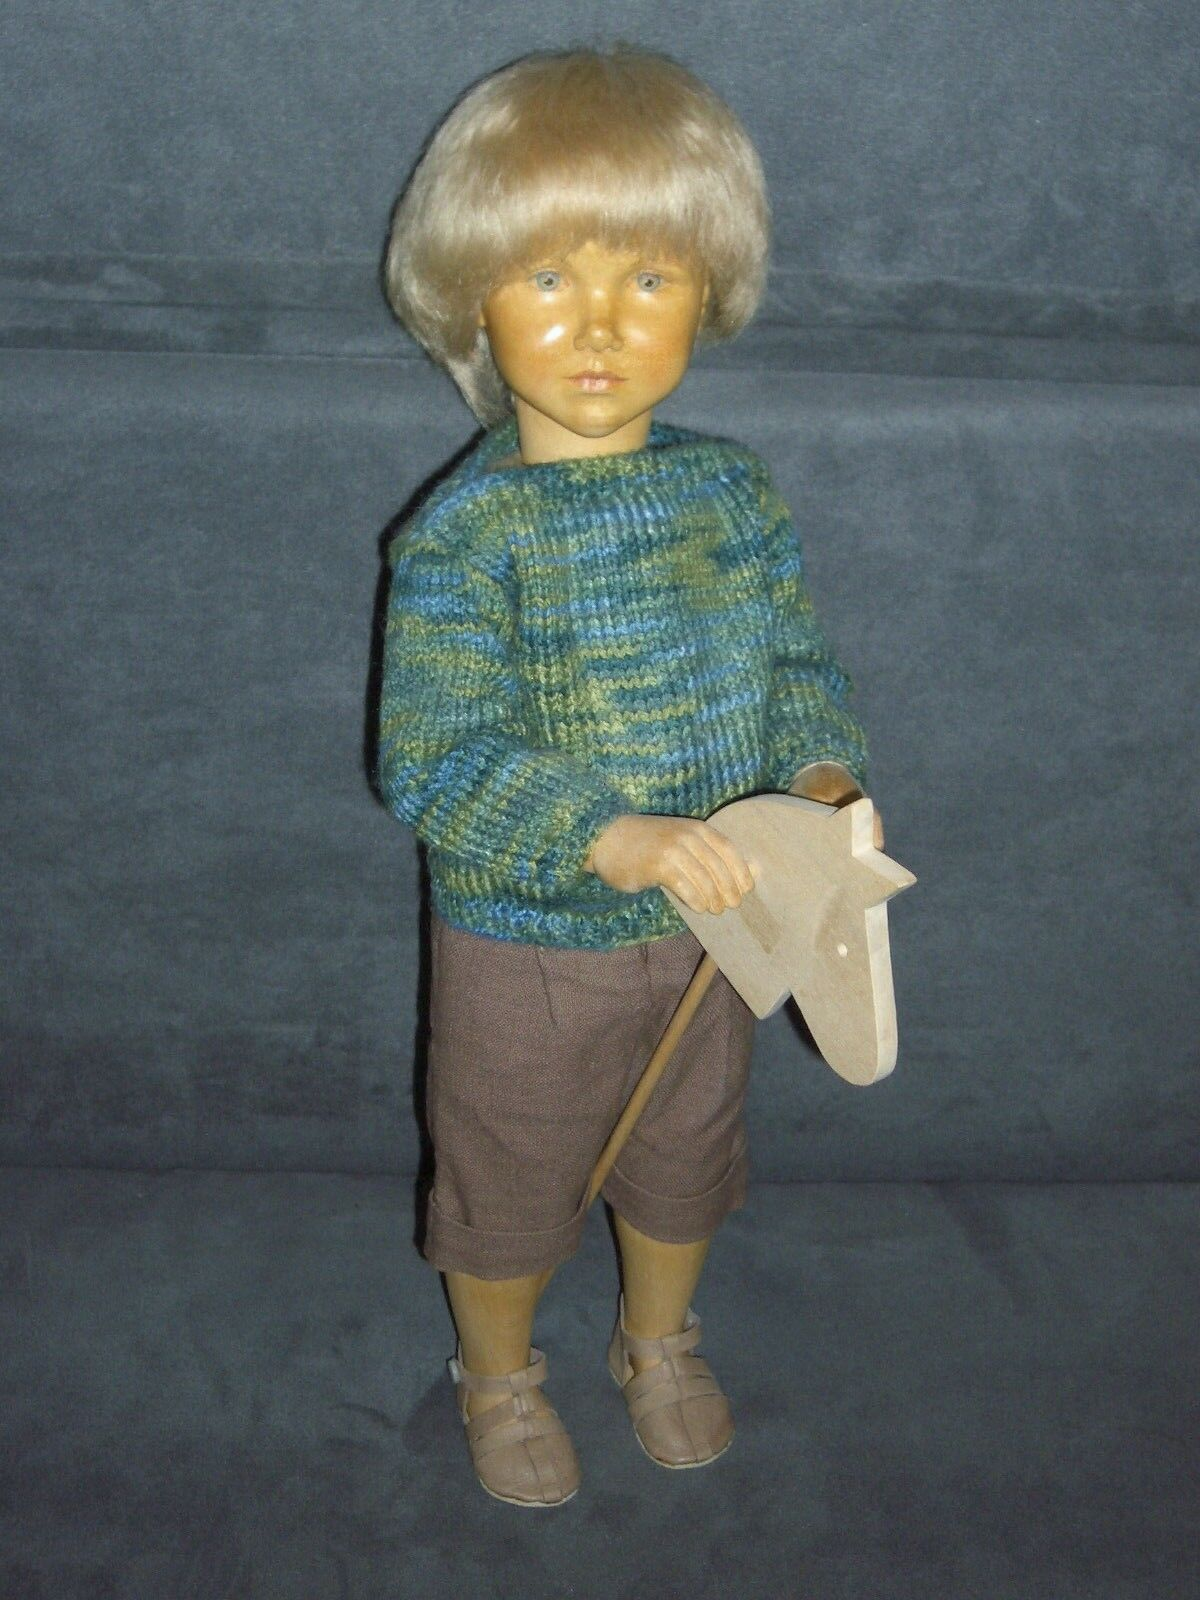 Regina sabbia Reuter Bambola Legno Bambola Felix di 1991 12-ceco Multi pose-CORPO